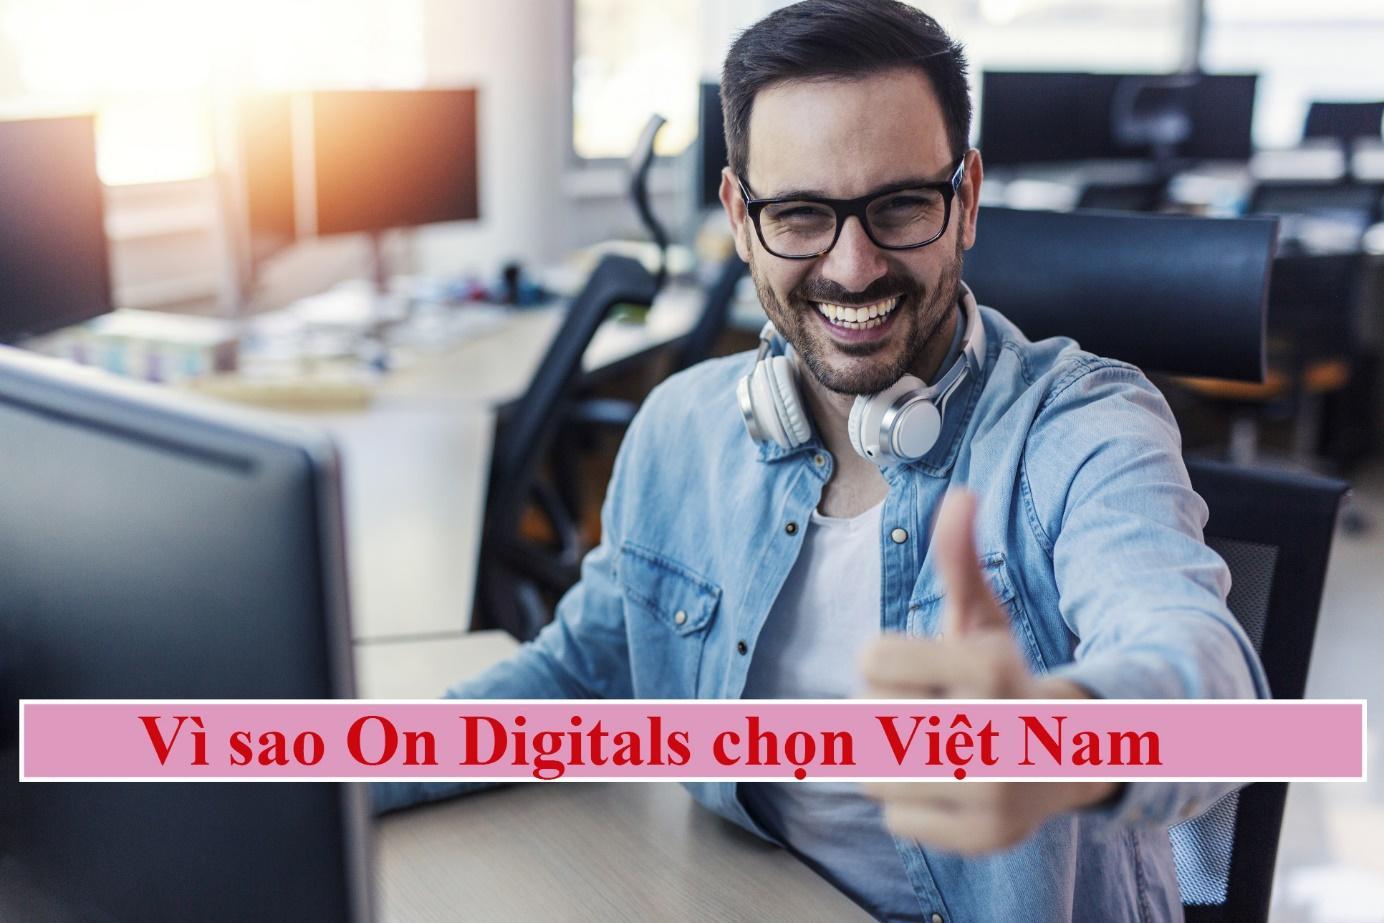 Vì sao On Digitals chọn Việt Nam